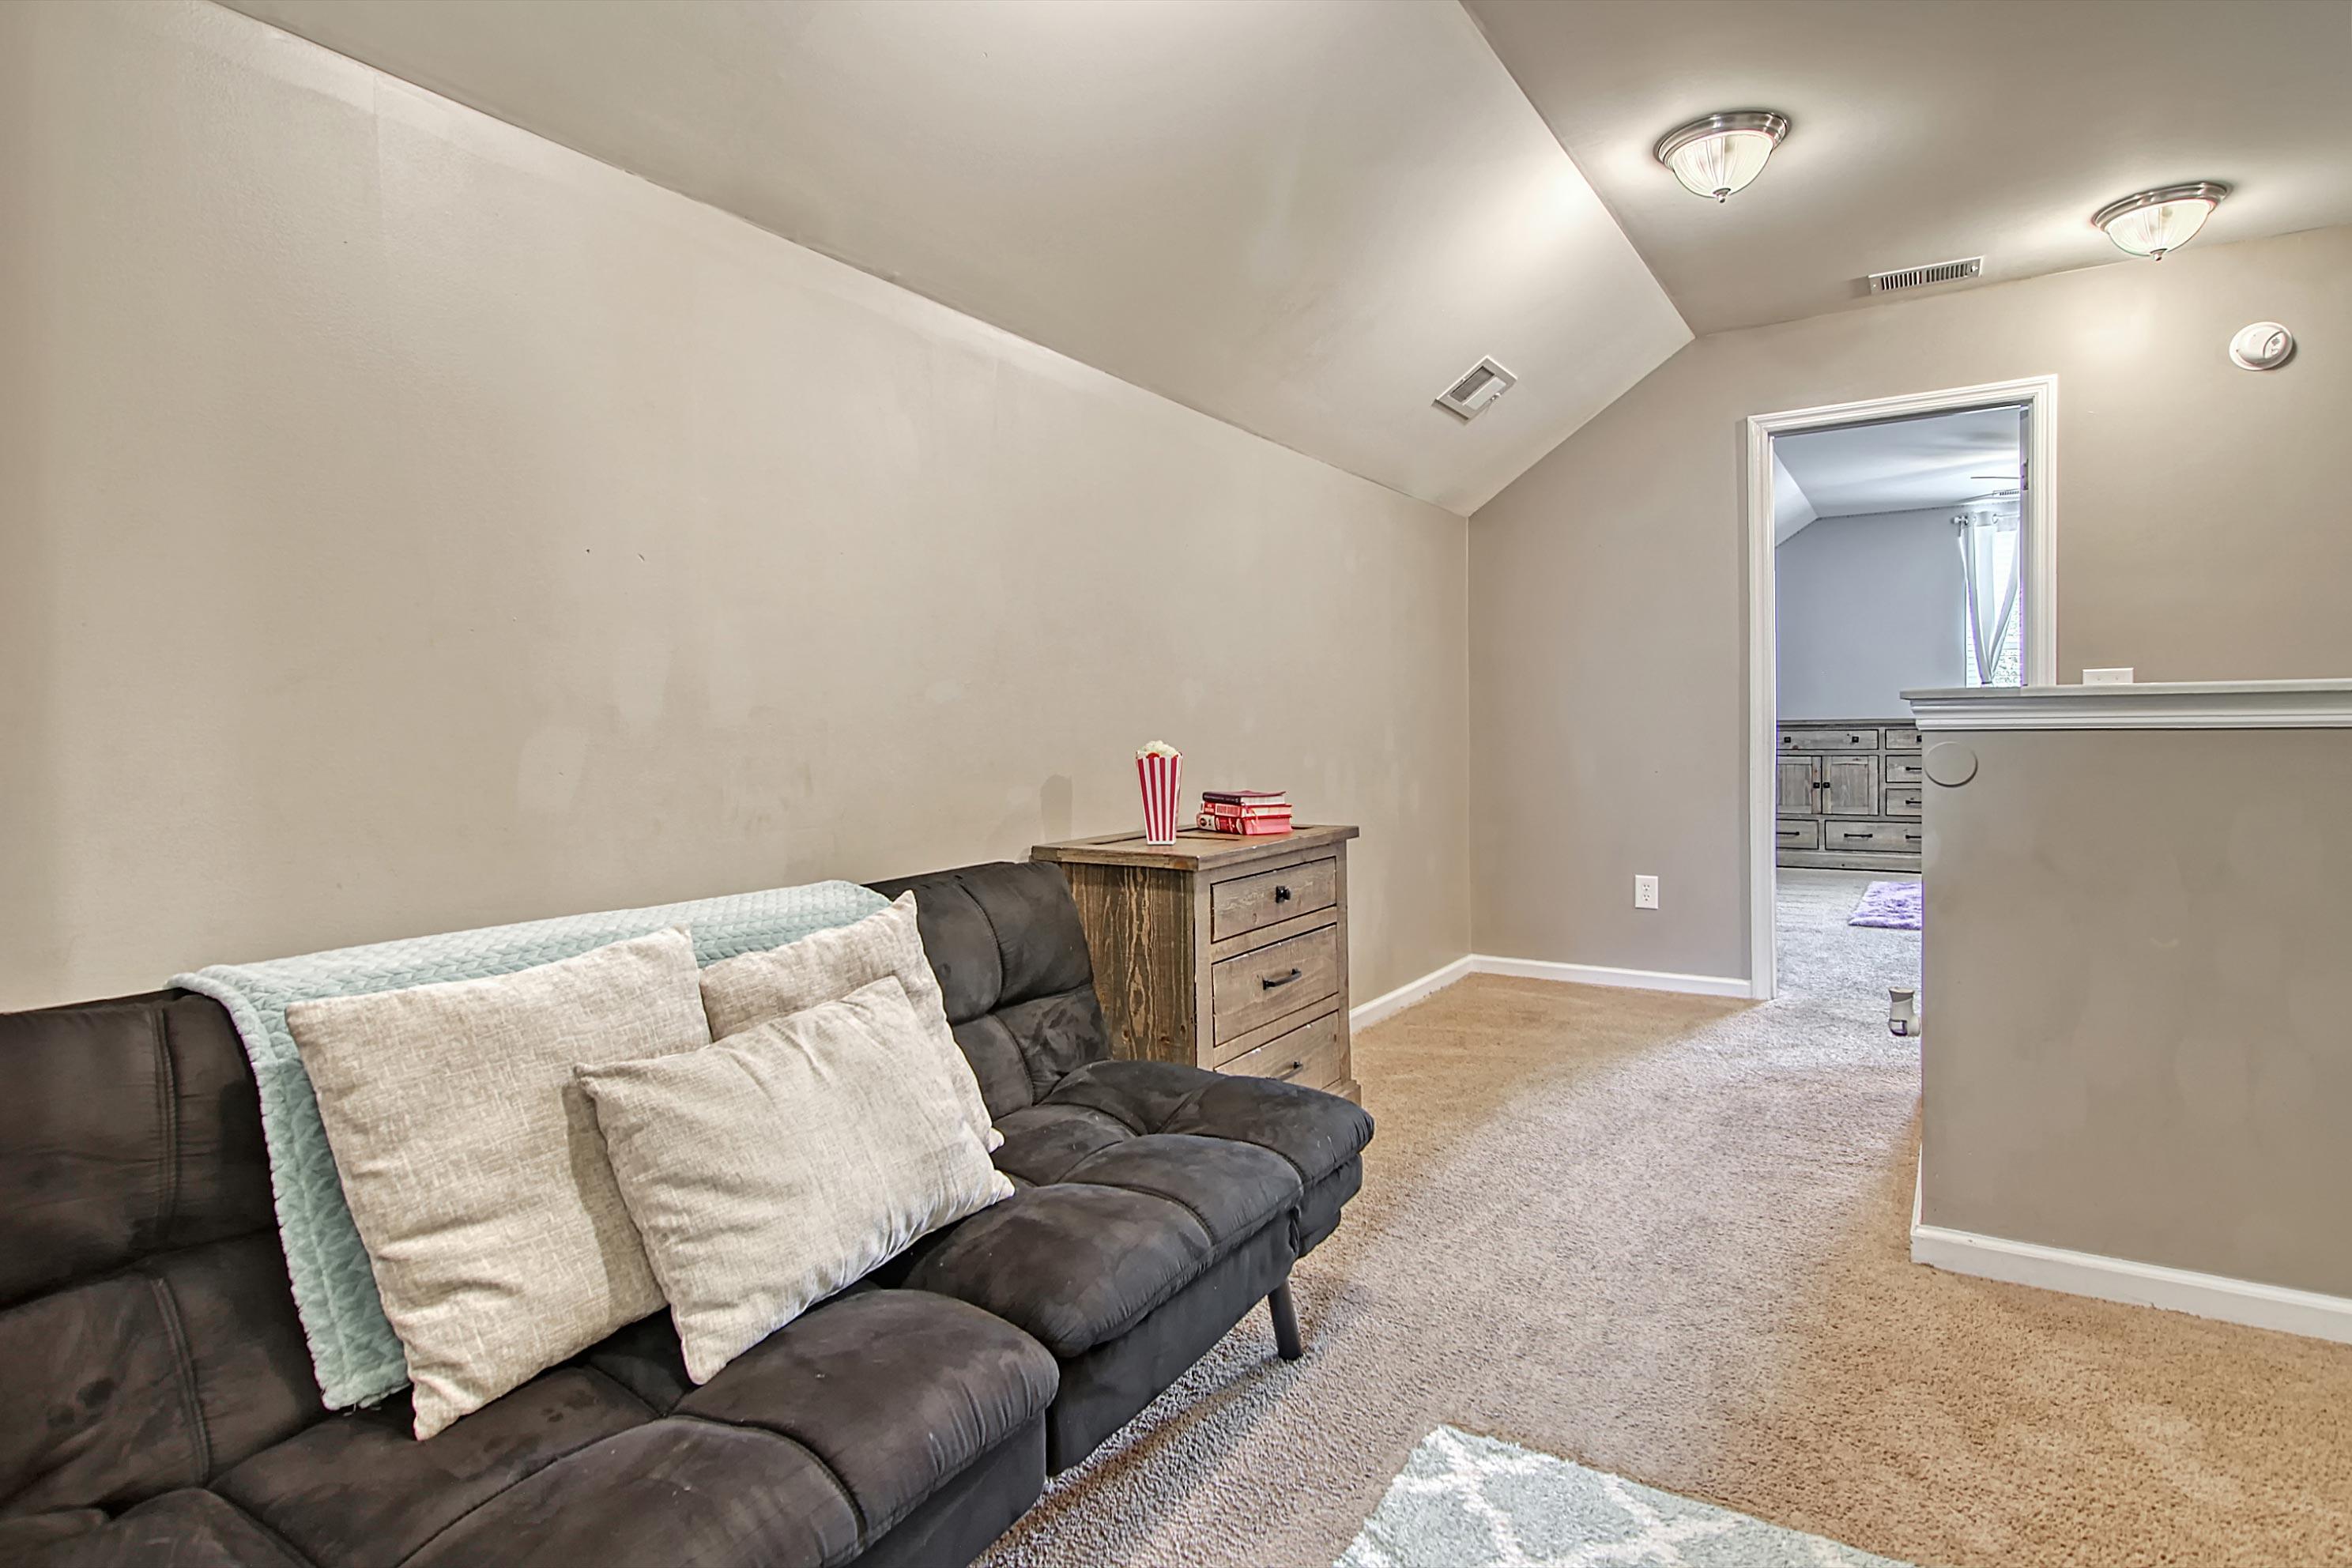 Lieben Park Homes For Sale - 3598 Franklin Tower, Mount Pleasant, SC - 22